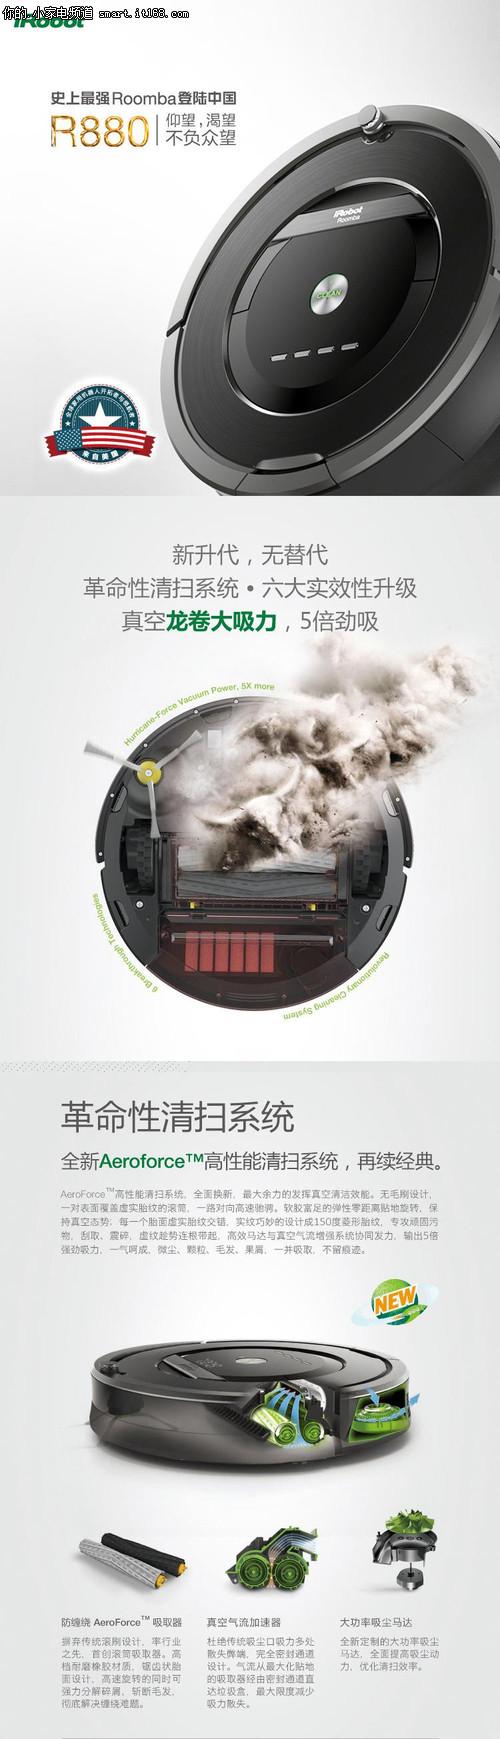 iRobot Roomba 880吸尘机器人免费试用